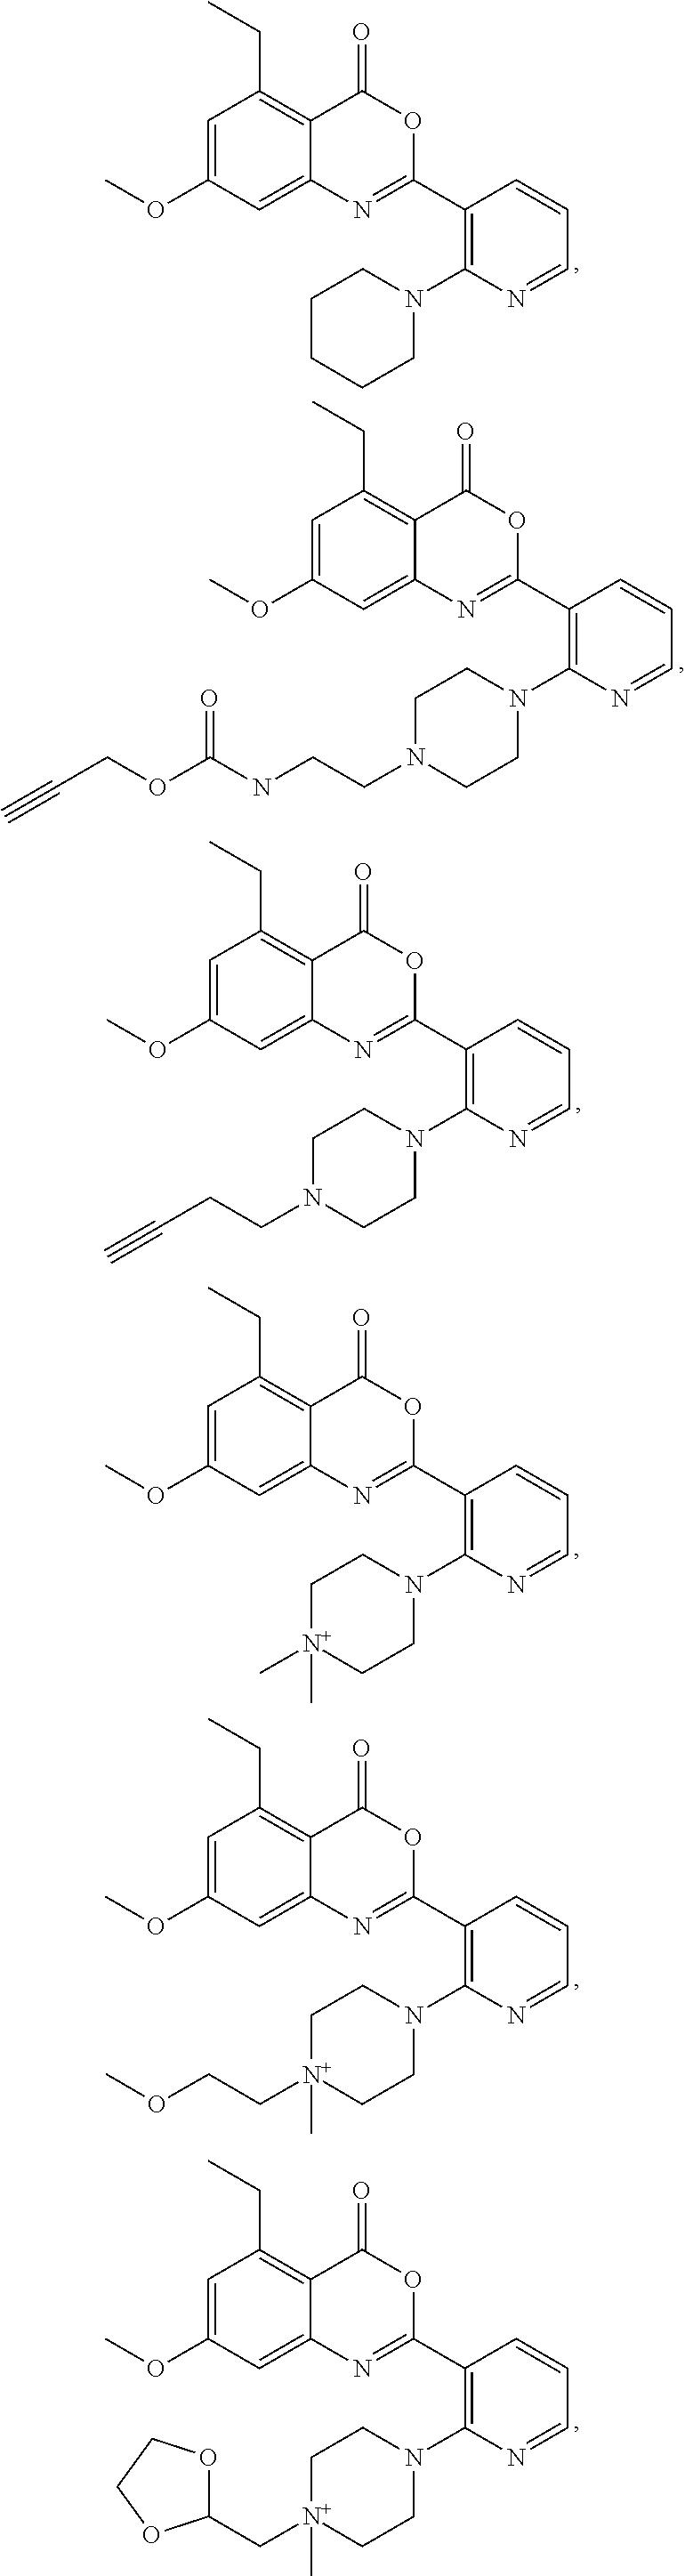 Figure US07879846-20110201-C00413